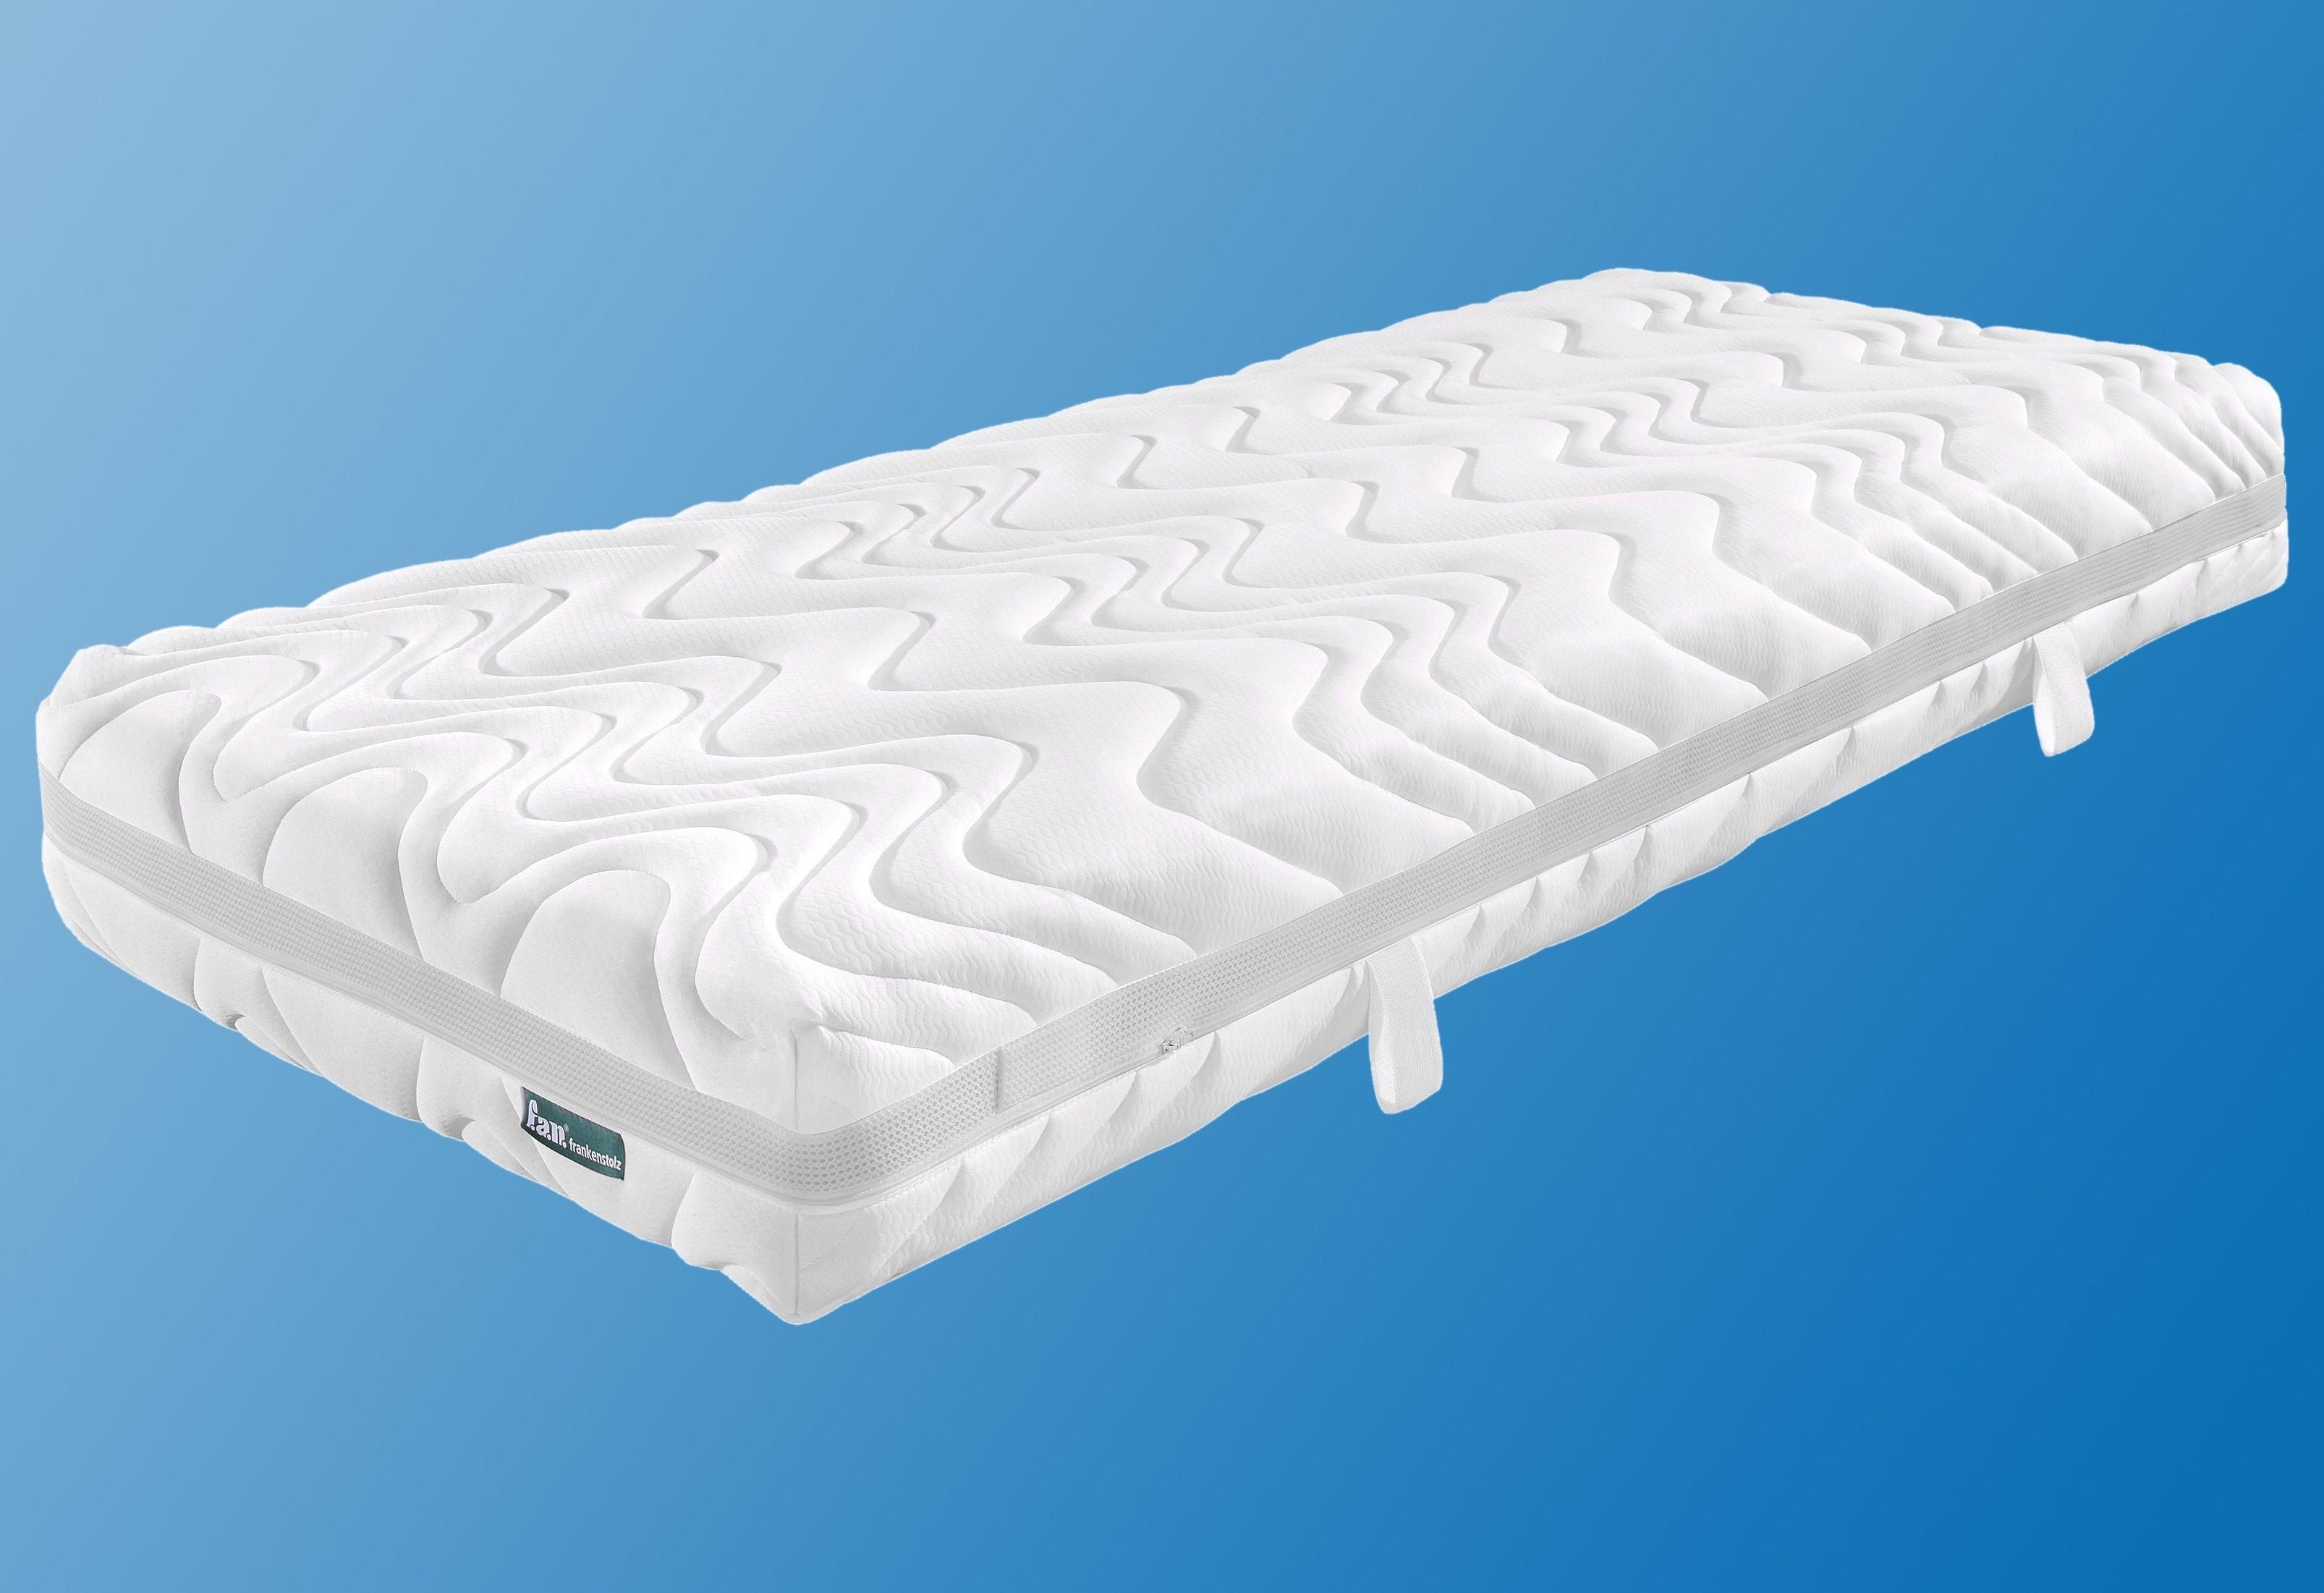 Komfortschaummatratze »Climasan Relax 1.000 S«, f.a.n. Frankenstolz, 24 cm hoch, Raumgewicht: 30, (1-tlg) | Schlafzimmer > Matratzen > Kaltschaum-matratzen | f.a.n. Frankenstolz